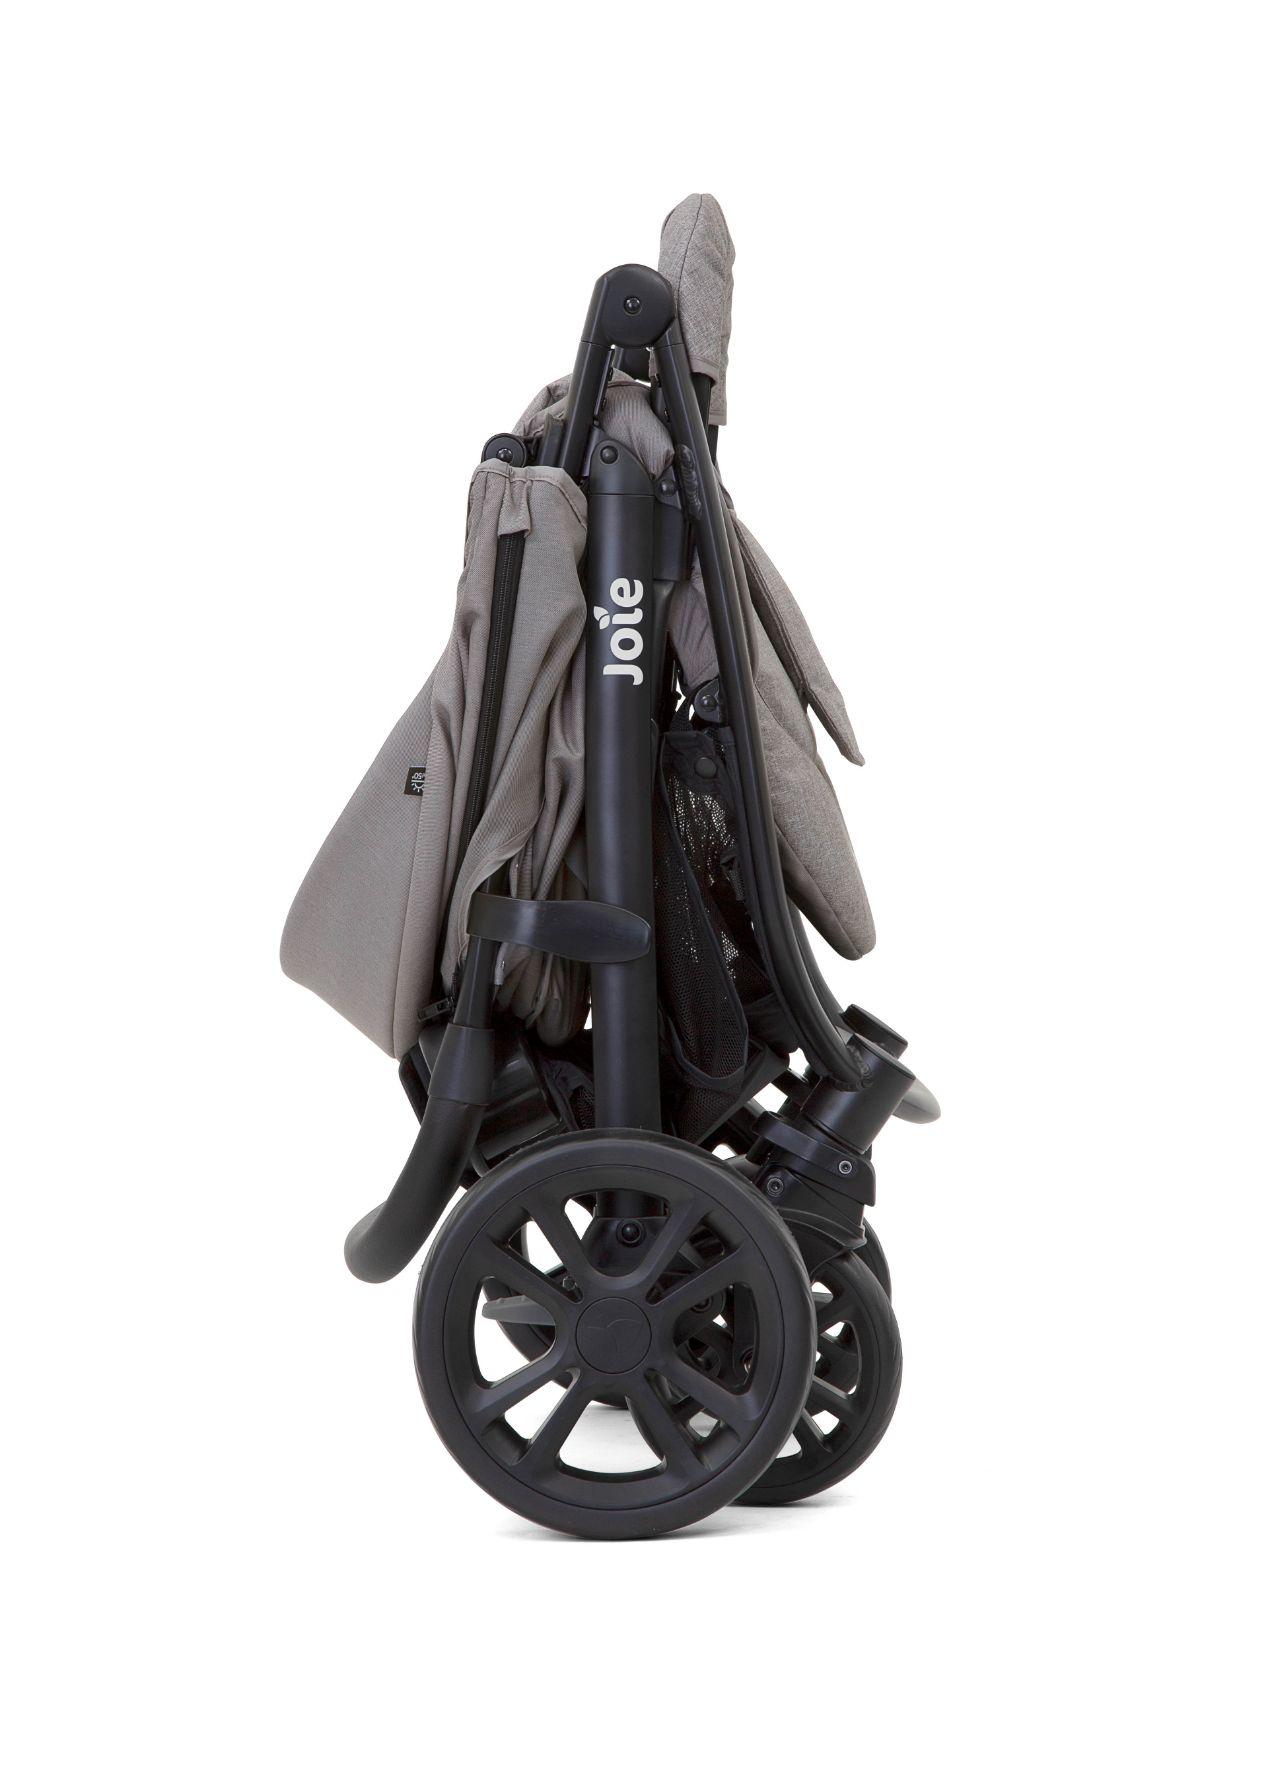 Wózek spacerowy Joie Litetrax 4 V2 kolor Twing